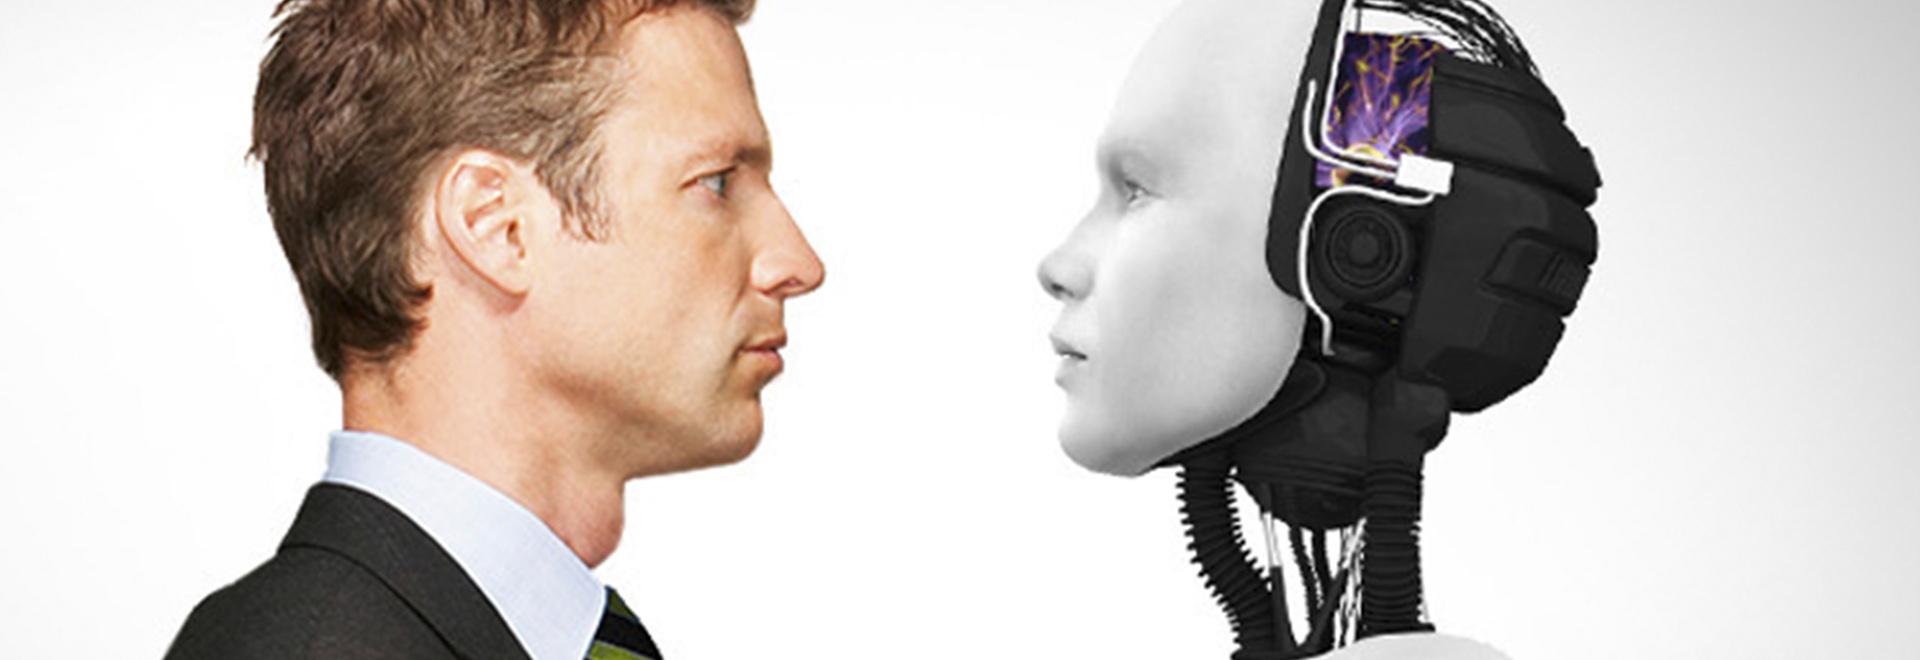 inteligencia artificial para videoidentificación